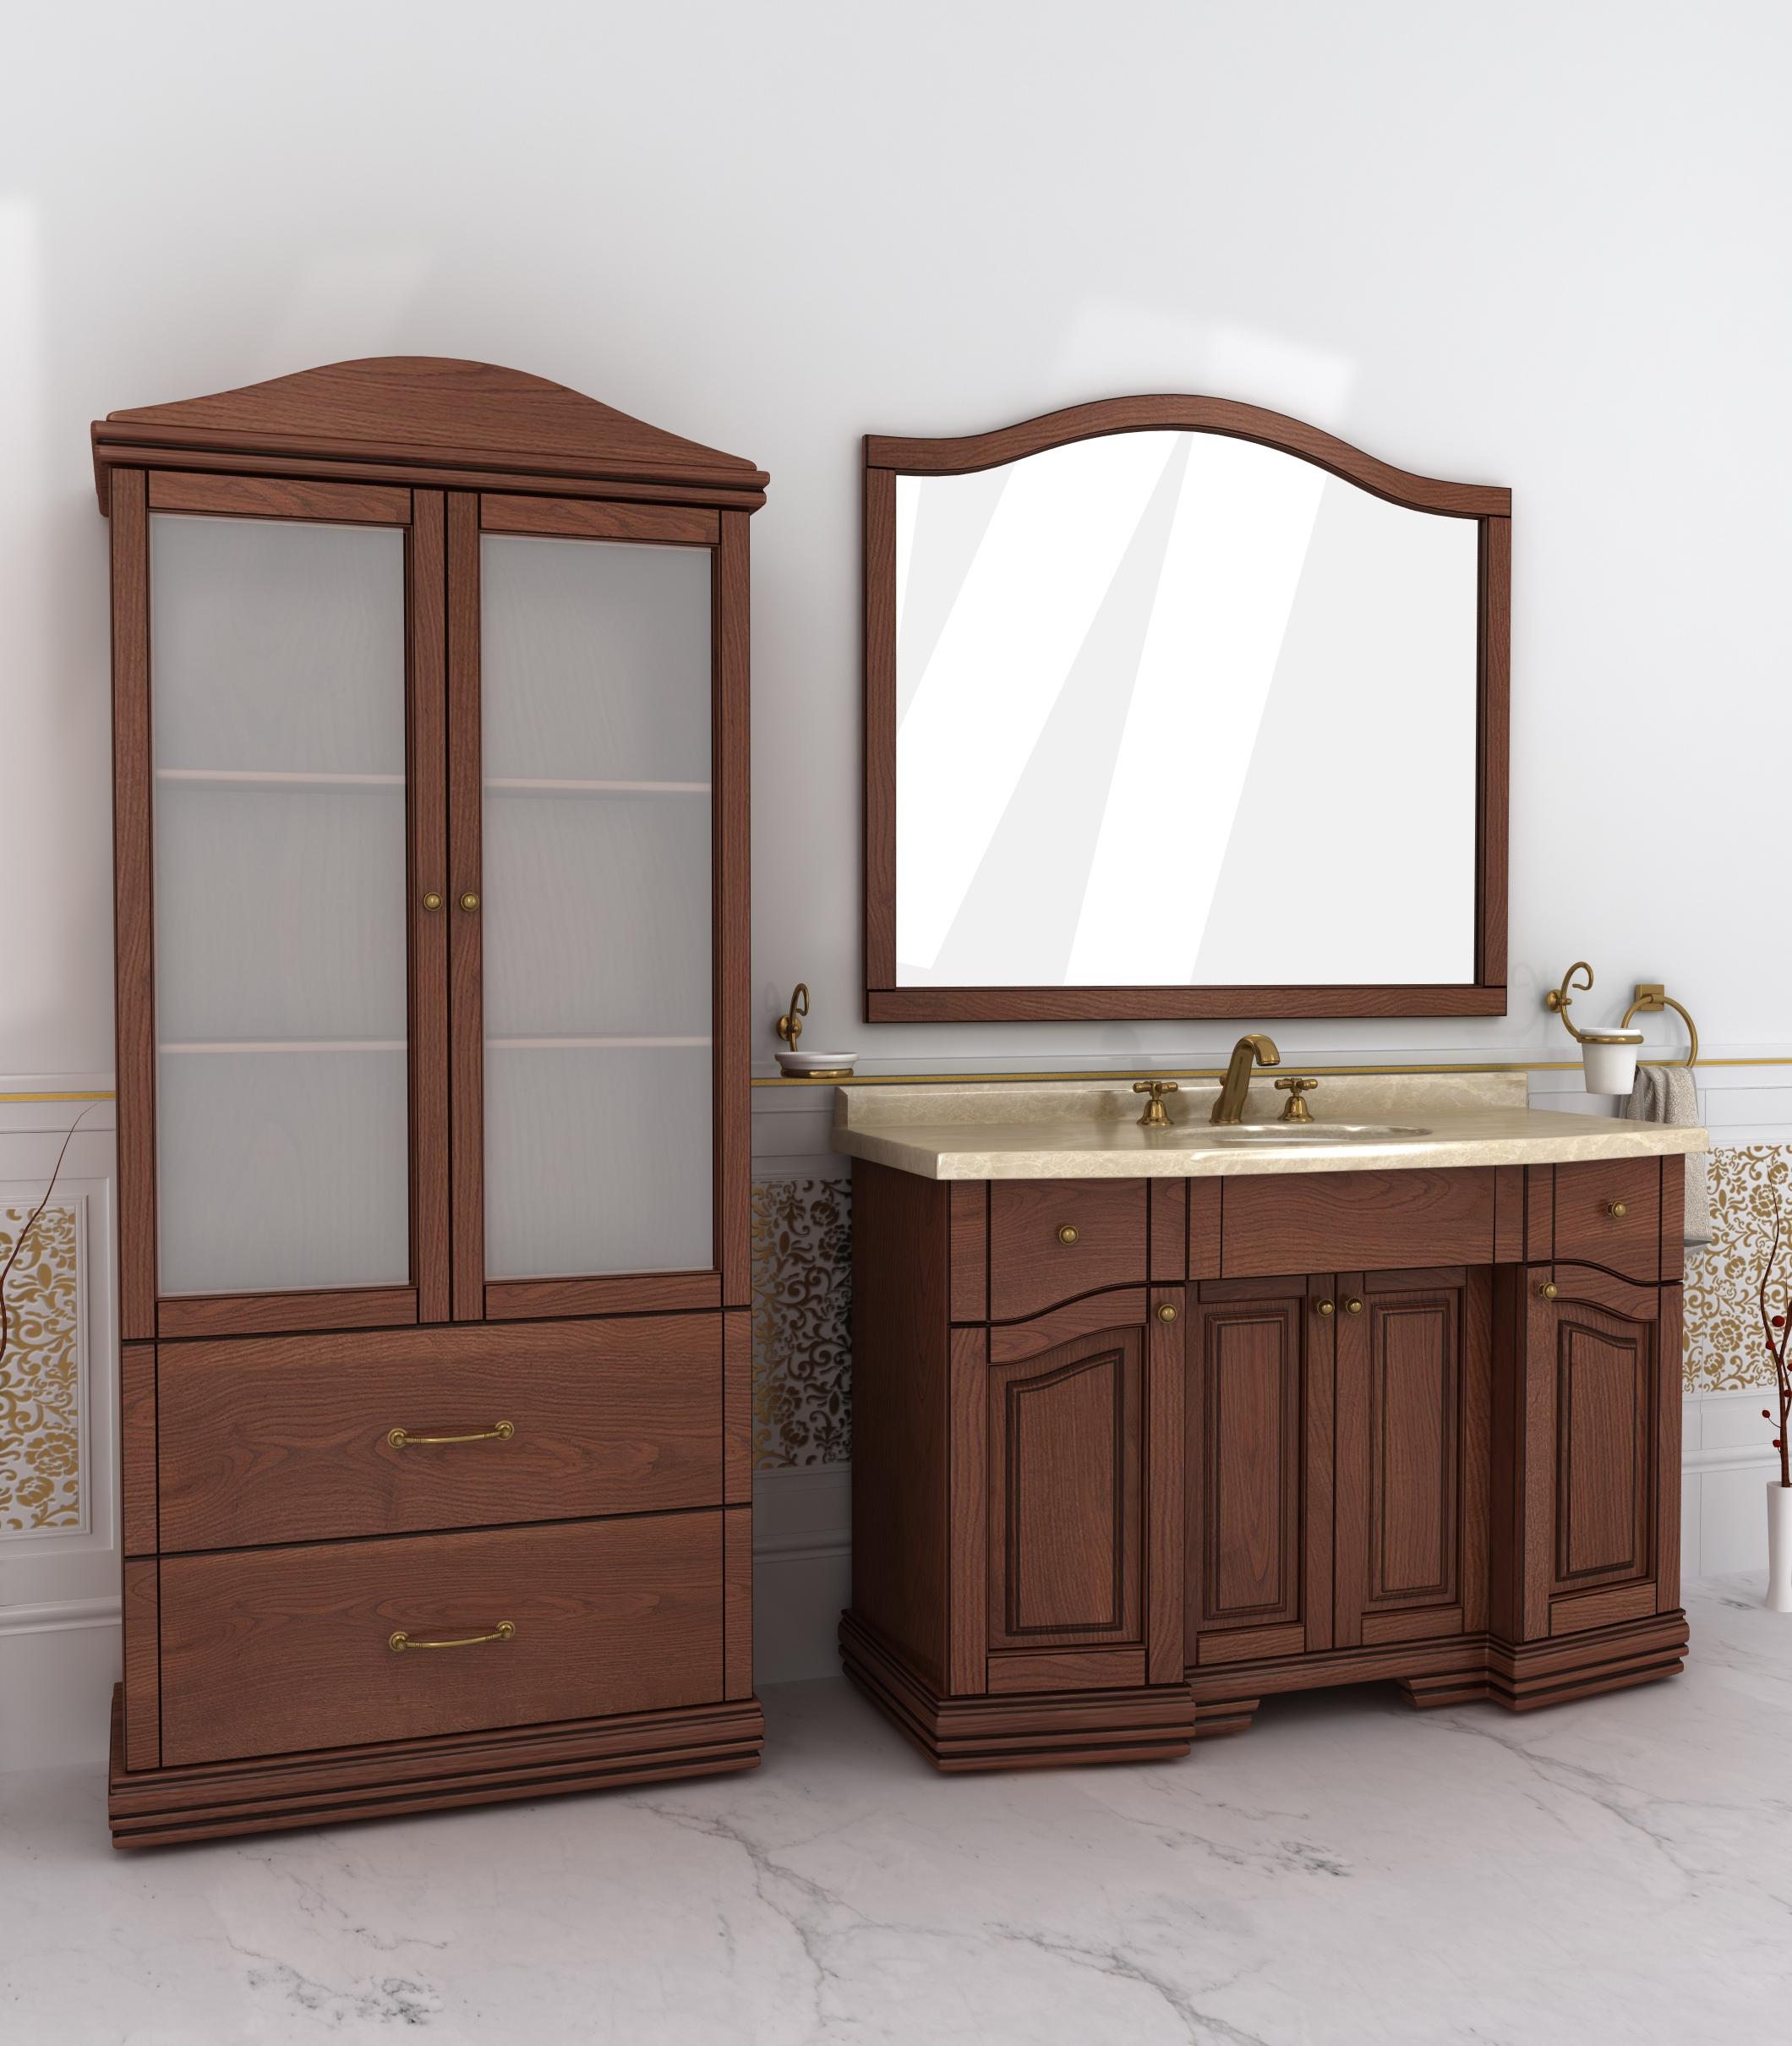 Мебель для ванной комнаты Киев заказать недорого